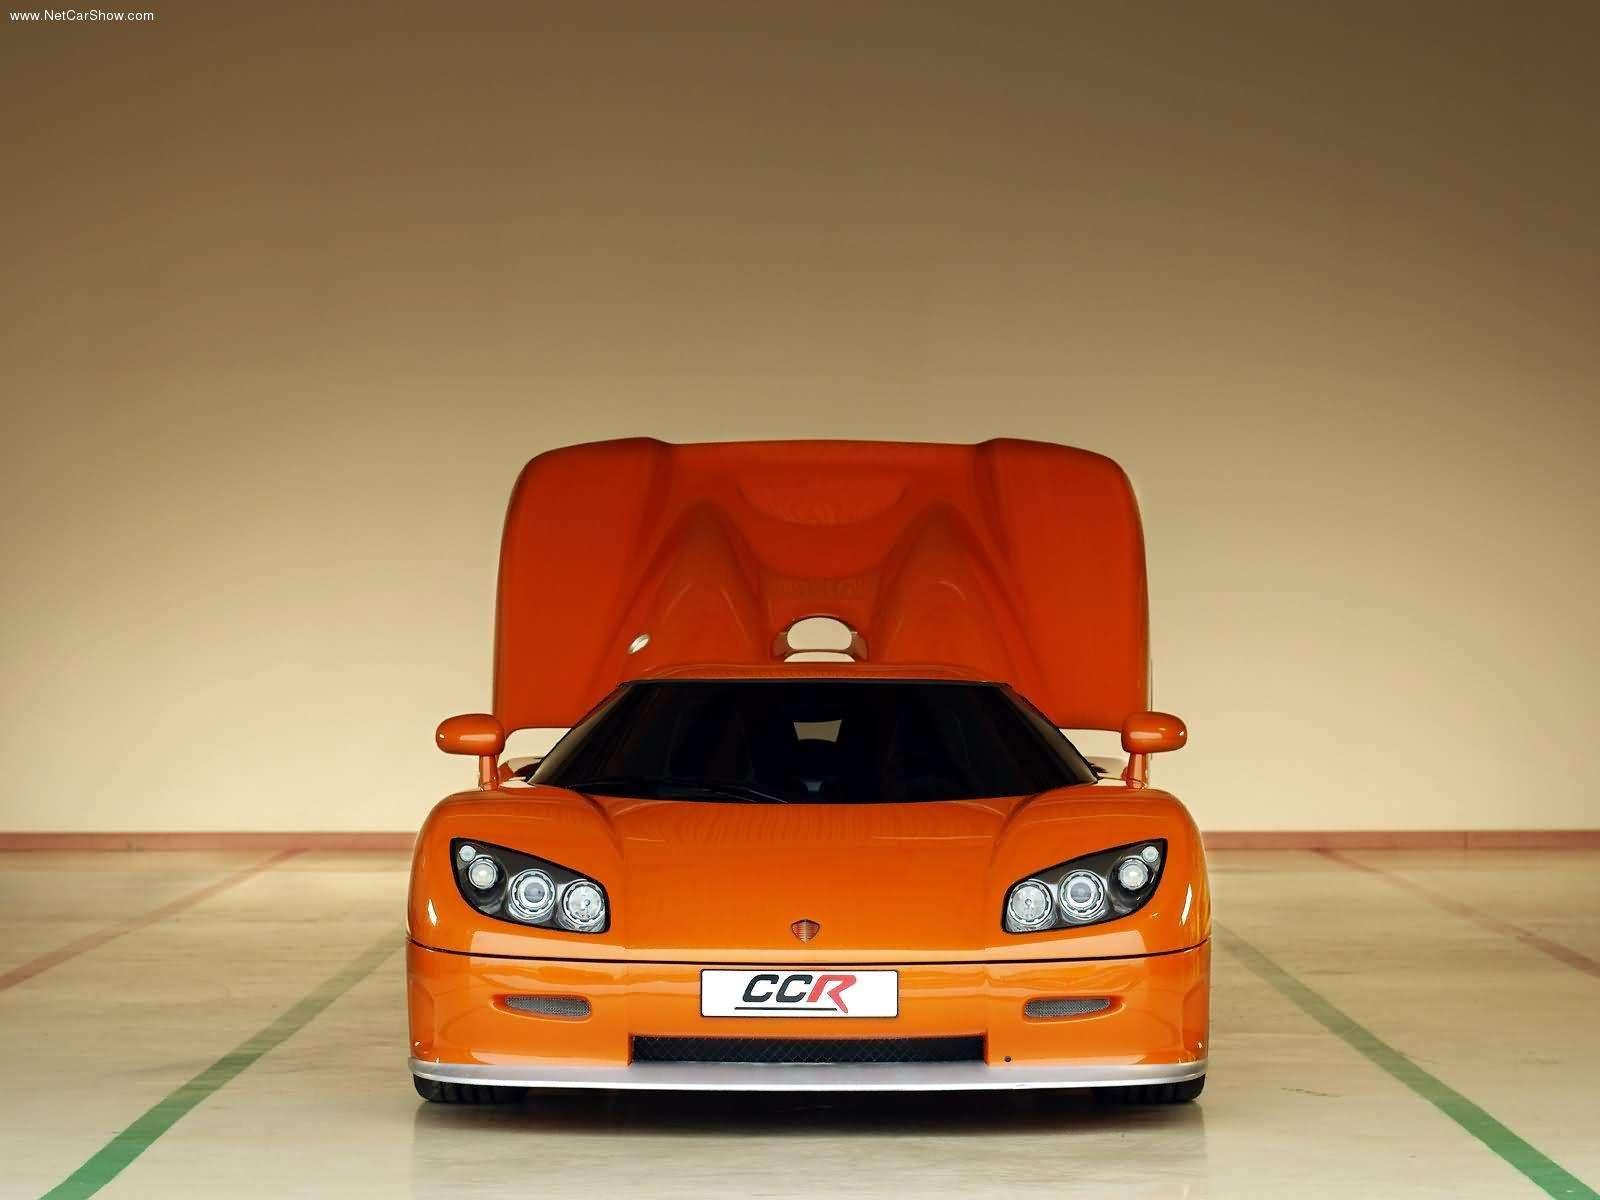 Hình ảnh siêu xe Koenigsegg CCR 2004 & nội ngoại thất